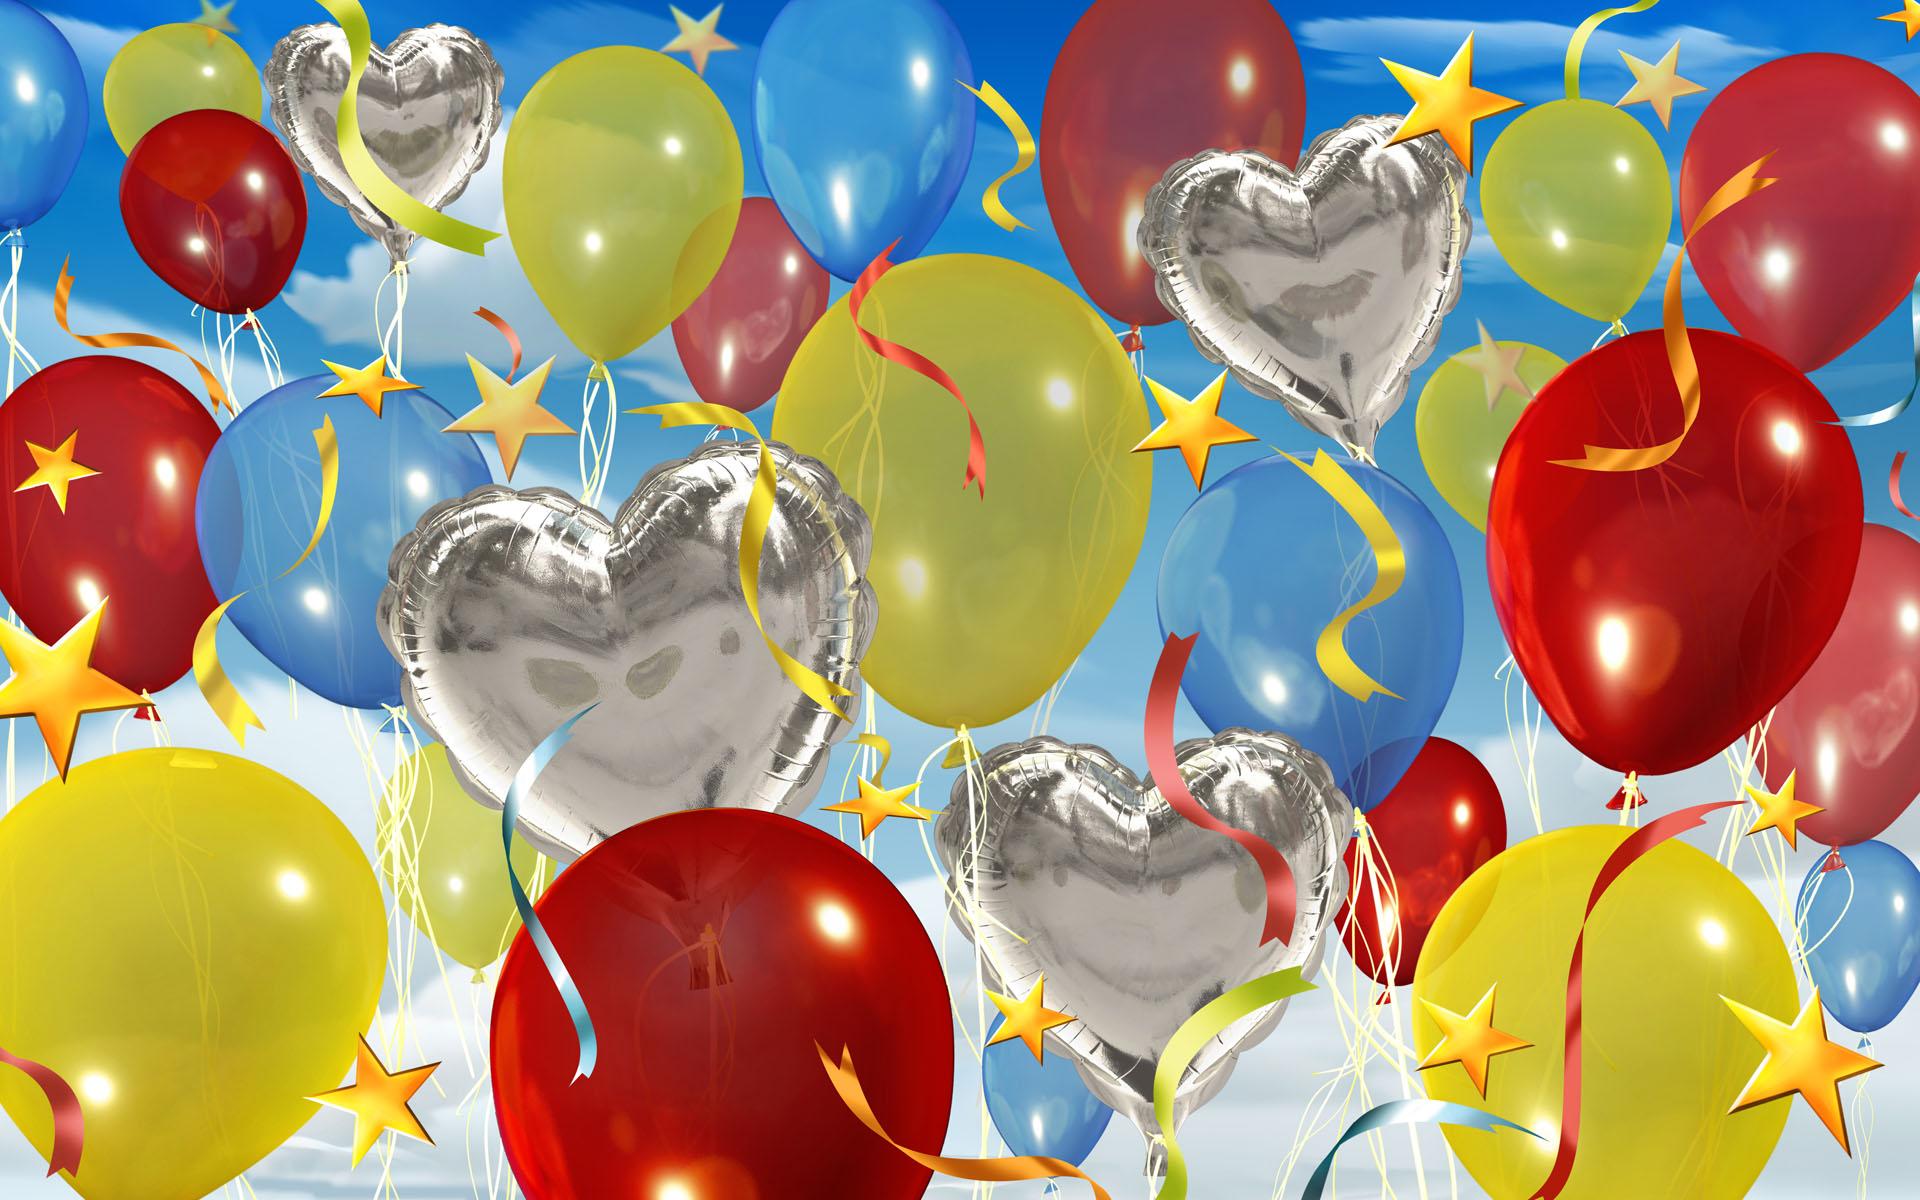 Секс и воздушные шарики 23 фотография